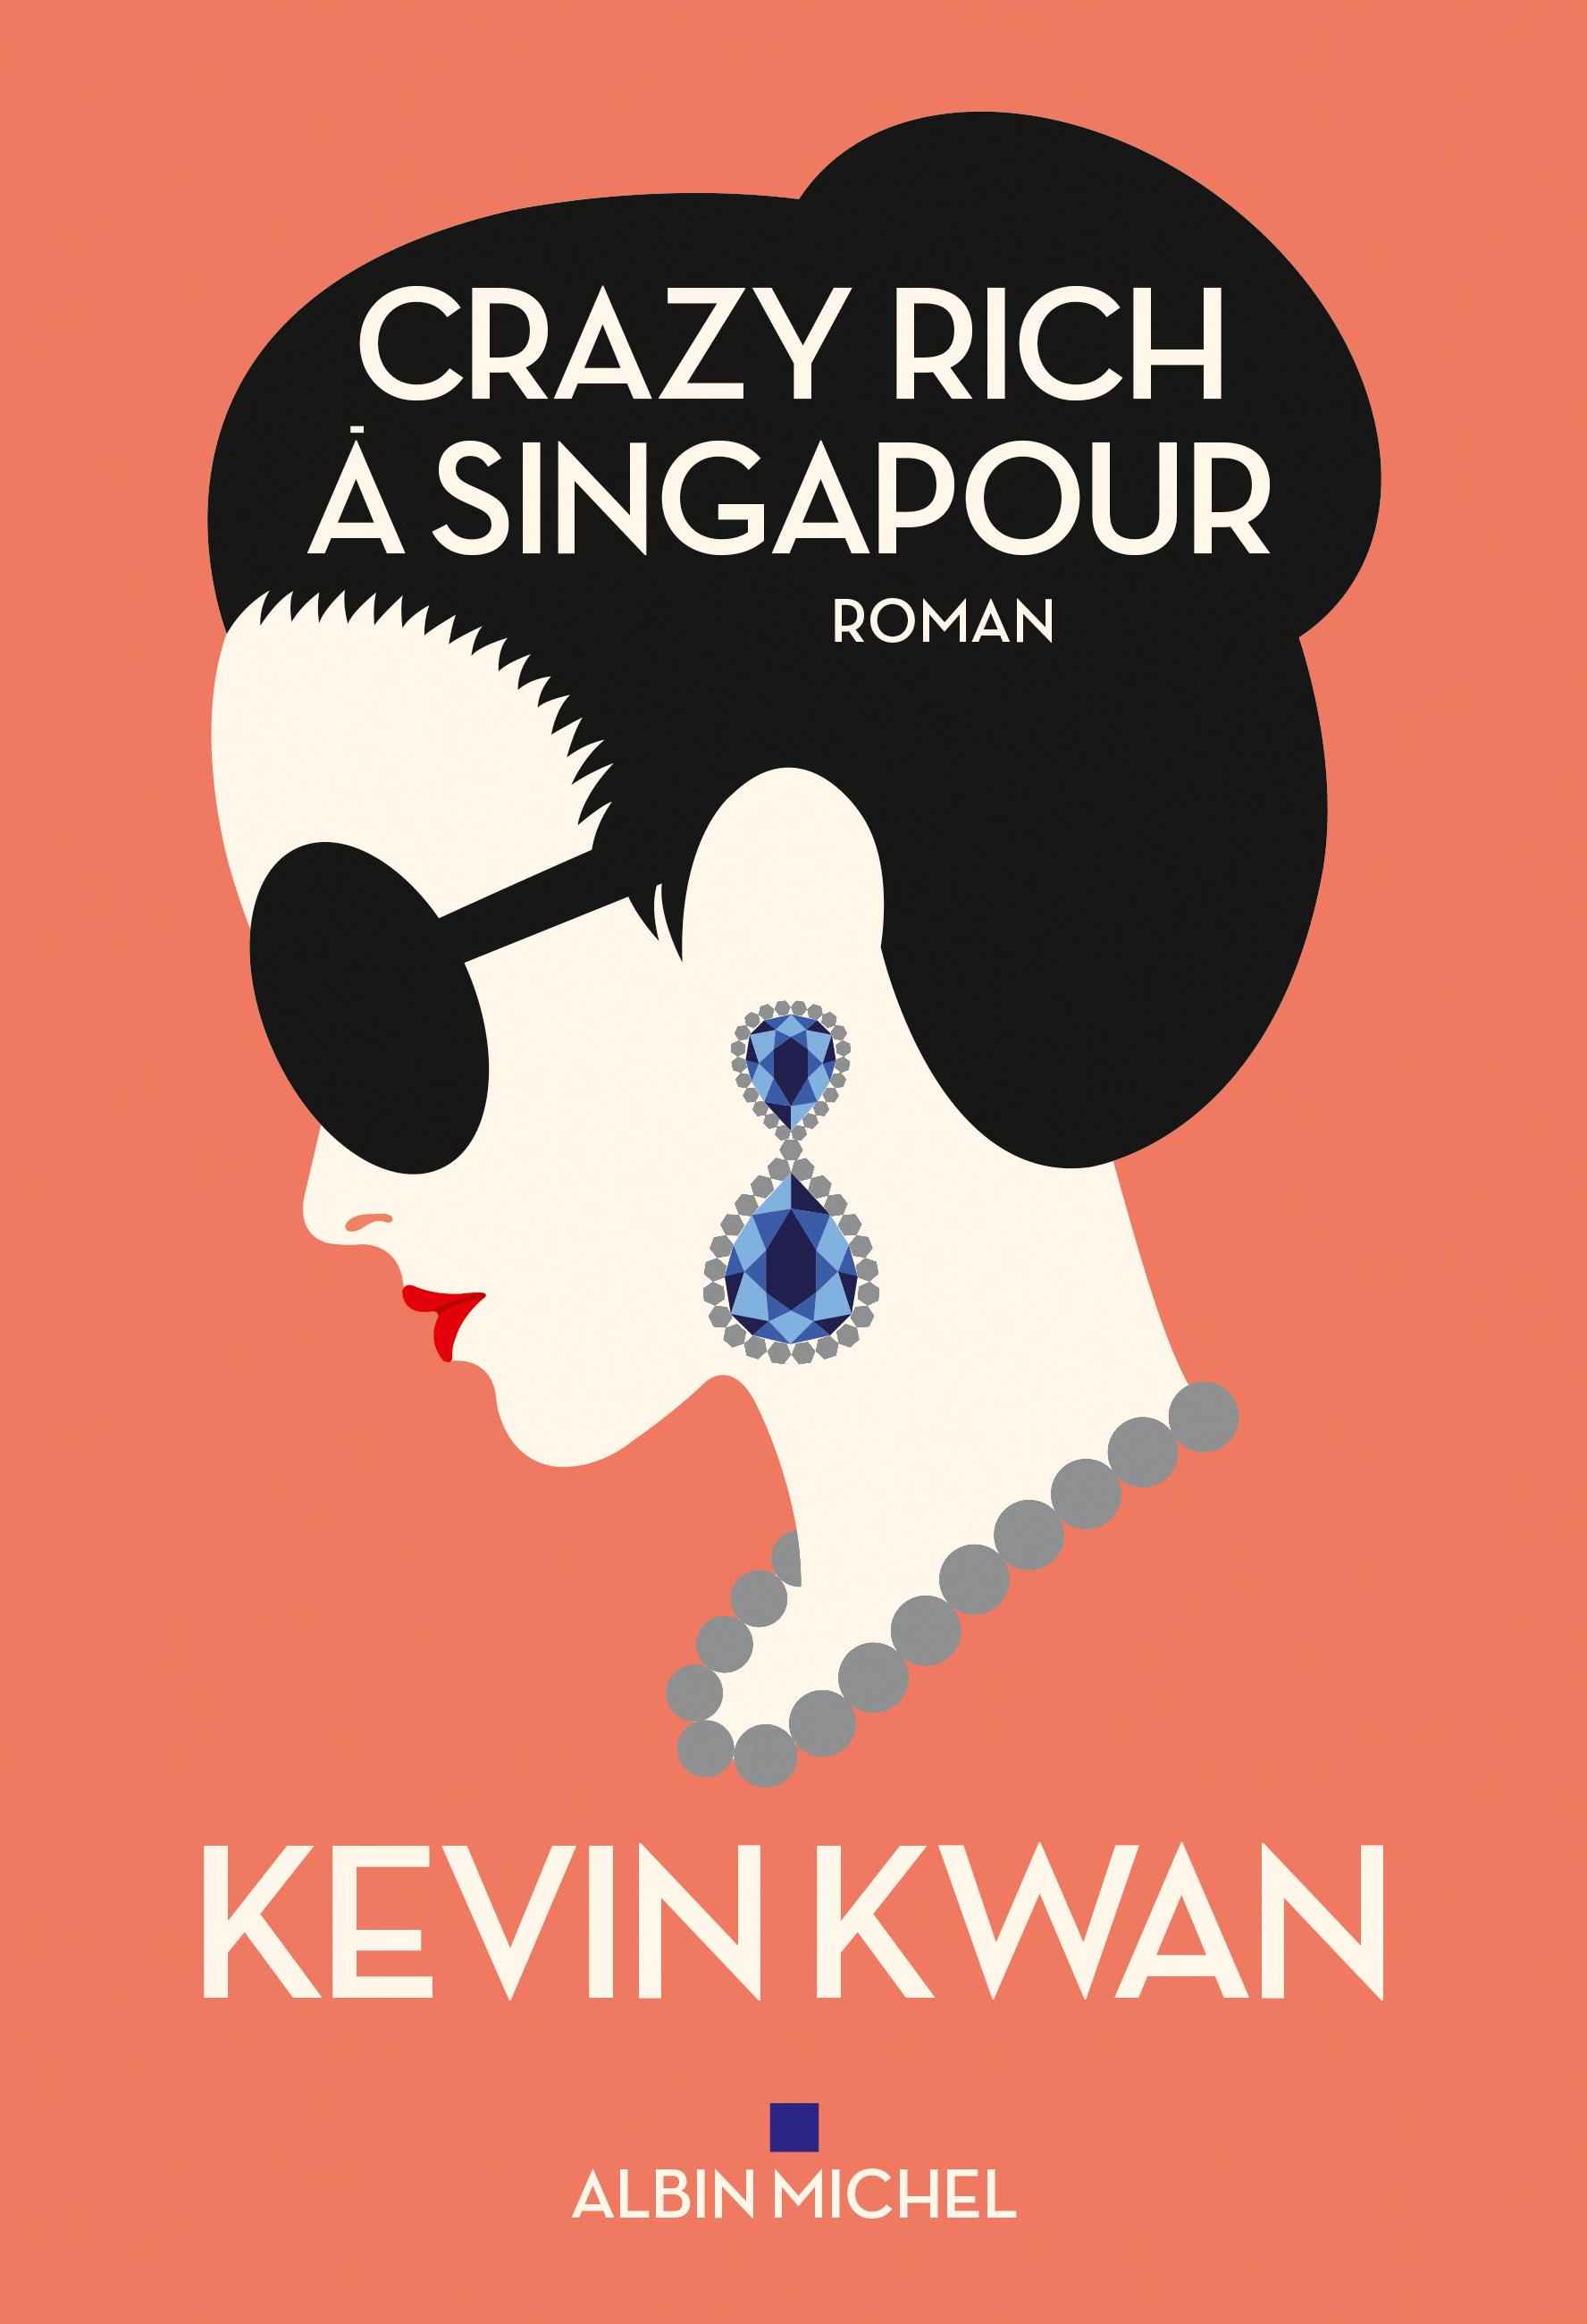 Crazy Rich à Singapour - Kevin Kwan